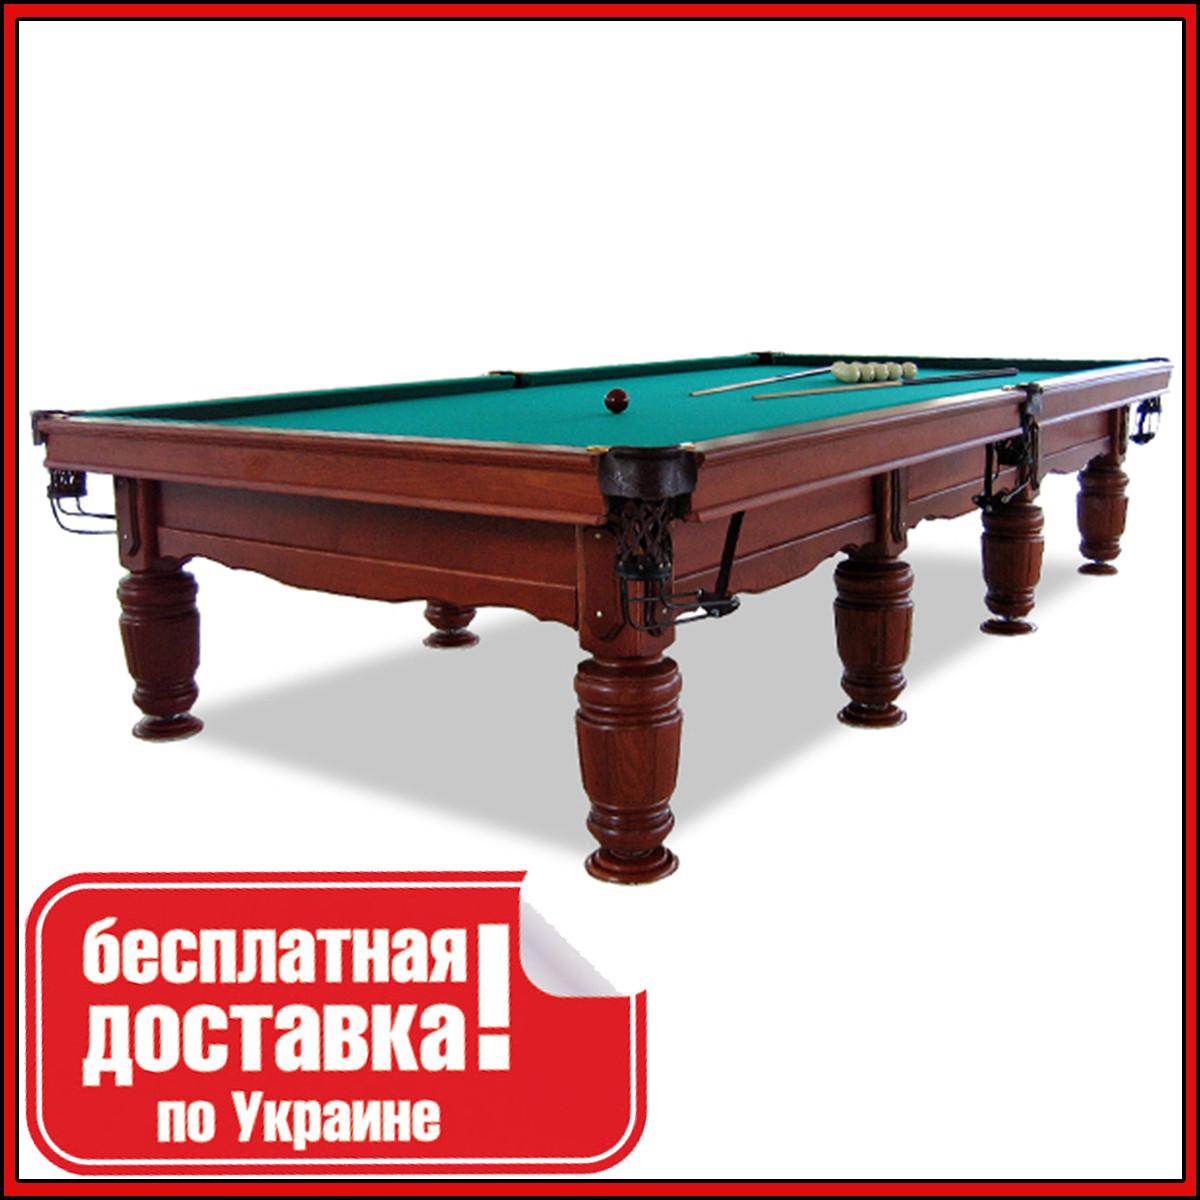 Більярдний стіл для пулу Віват 10 футів Ардезія 2.8 м х 1.4 м з натурального дерева